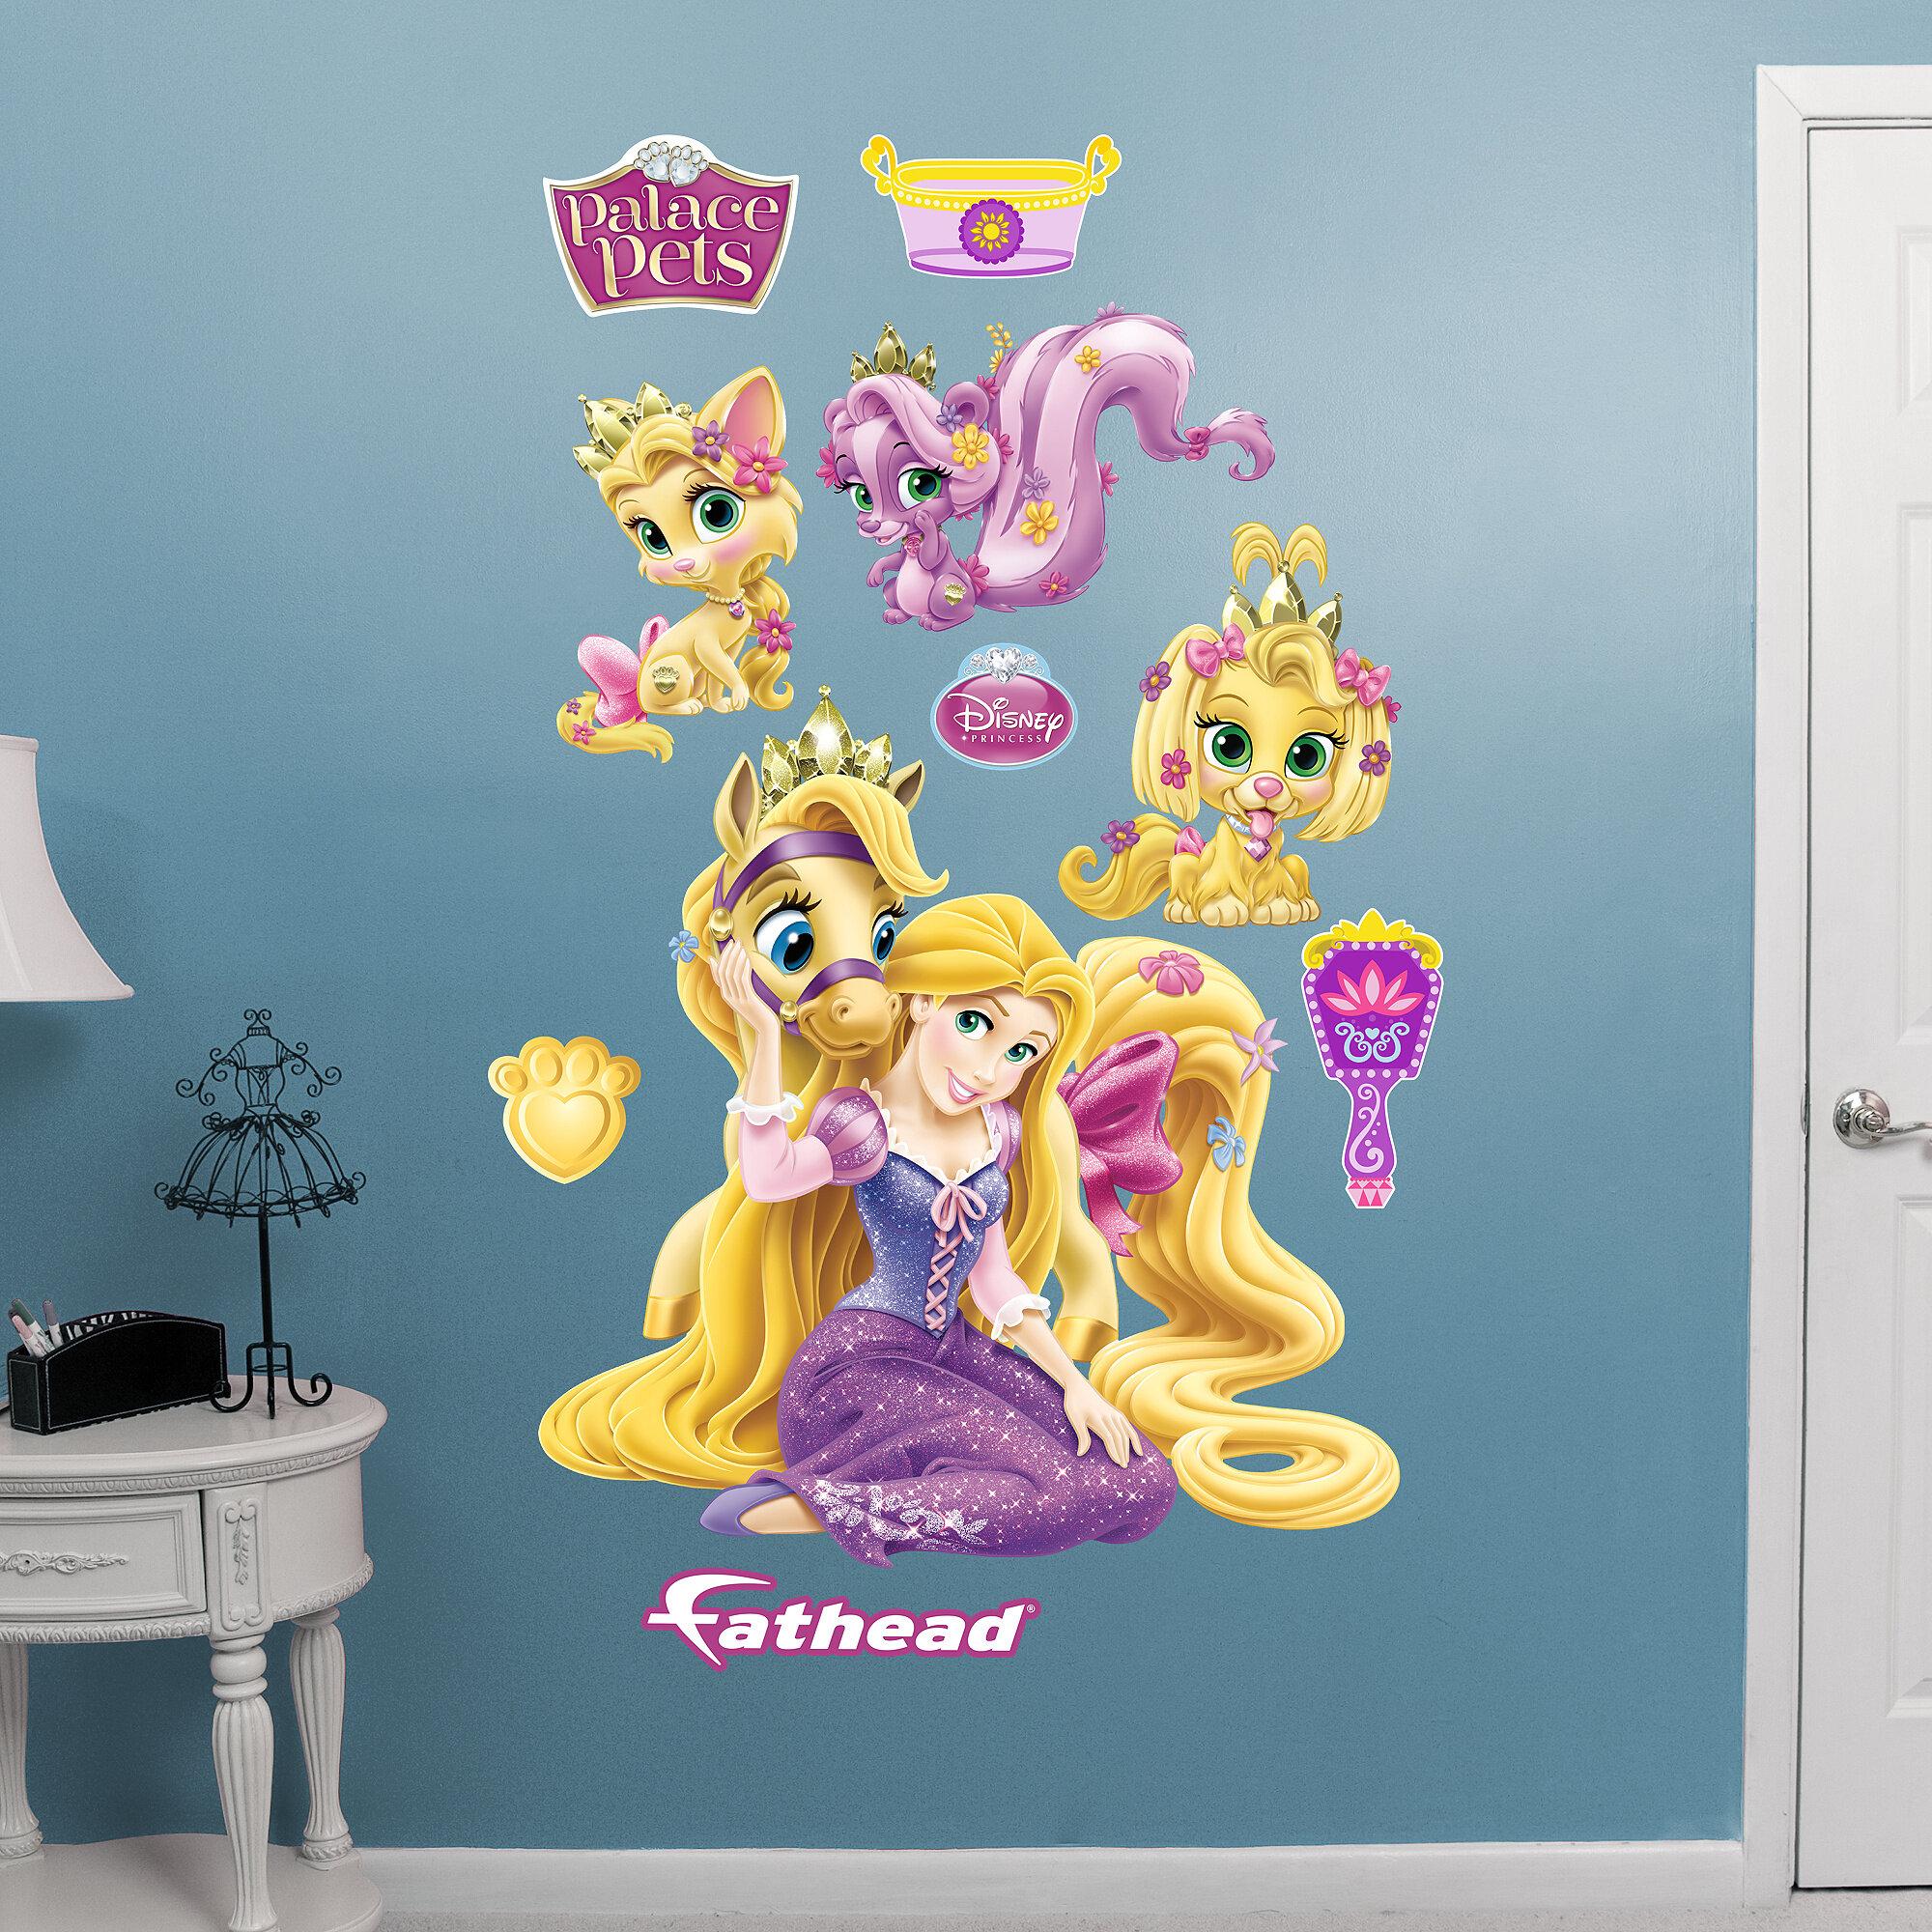 Fathead Disney Palace Pets   Rapunzel   Disney   Princesses Wall Decal U0026  Reviews | Wayfair